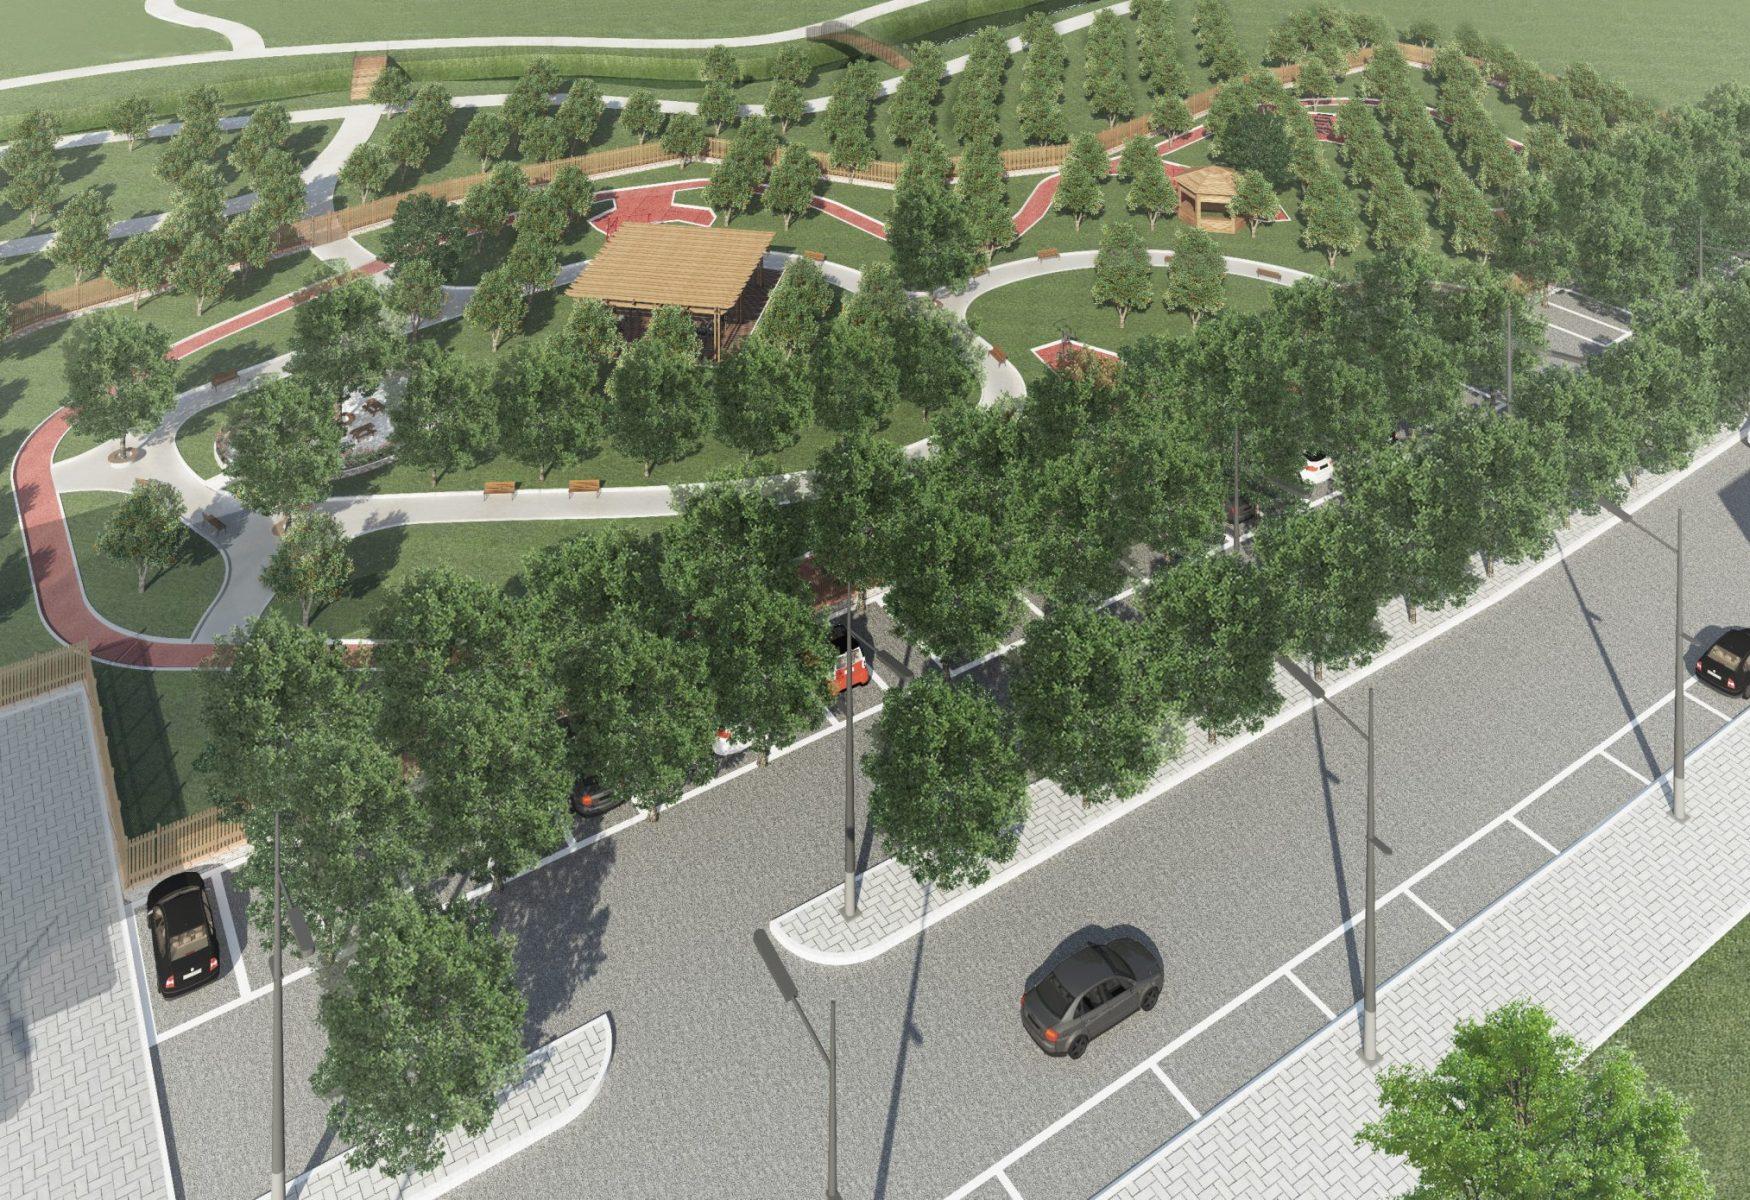 milara-srl-gruppo-postiglione-societa-di-costruzioni-e-vendita-appartamenti-immobili-residenziali-commerciali-cr53-f4-torre-nuova-torrione-parco-verde-vista-dall-alto